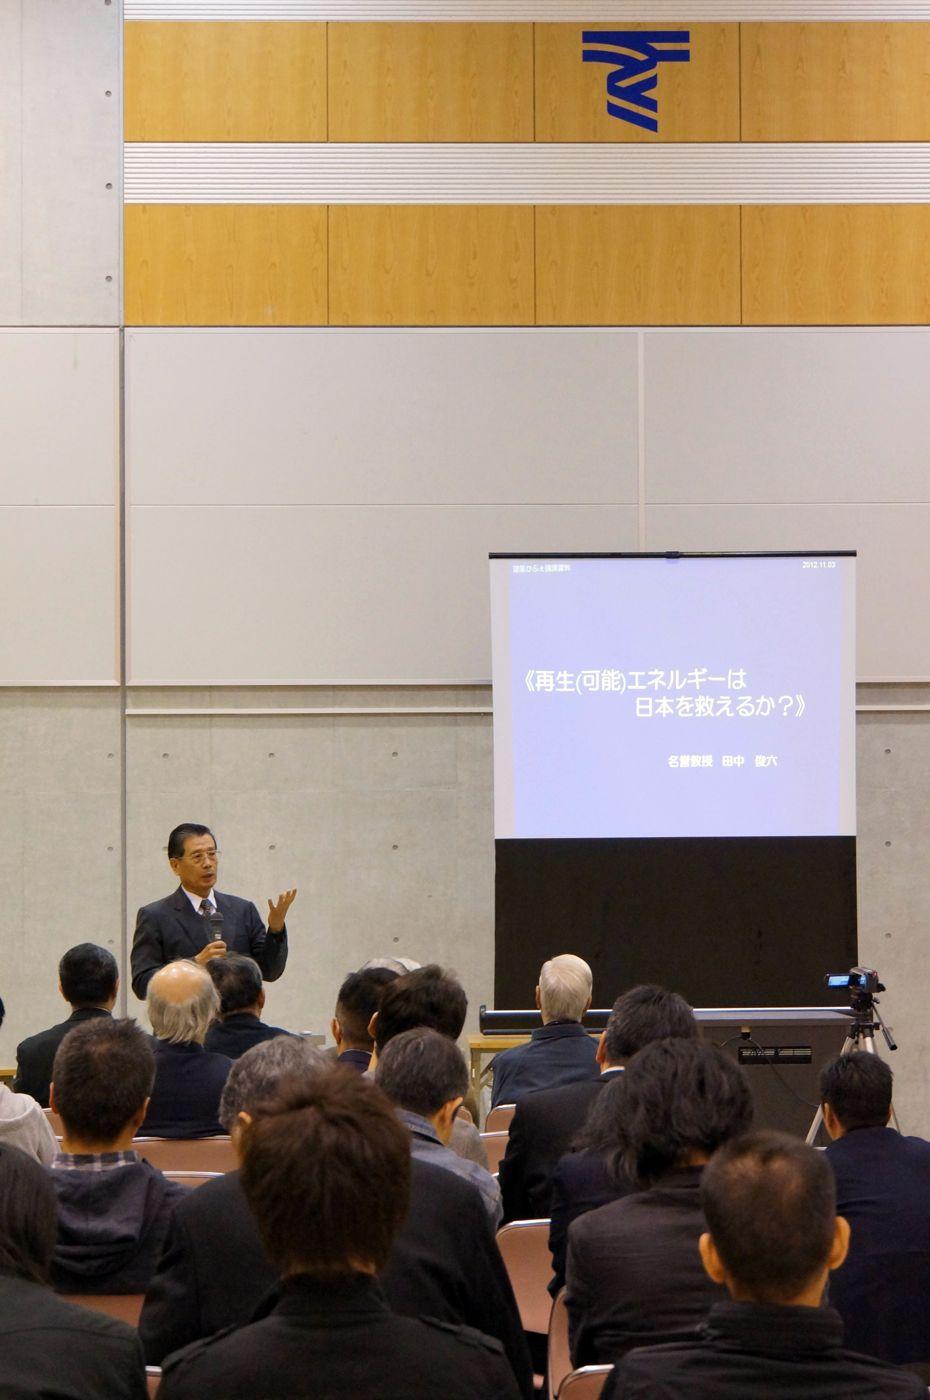 田中俊六先生講演の様子